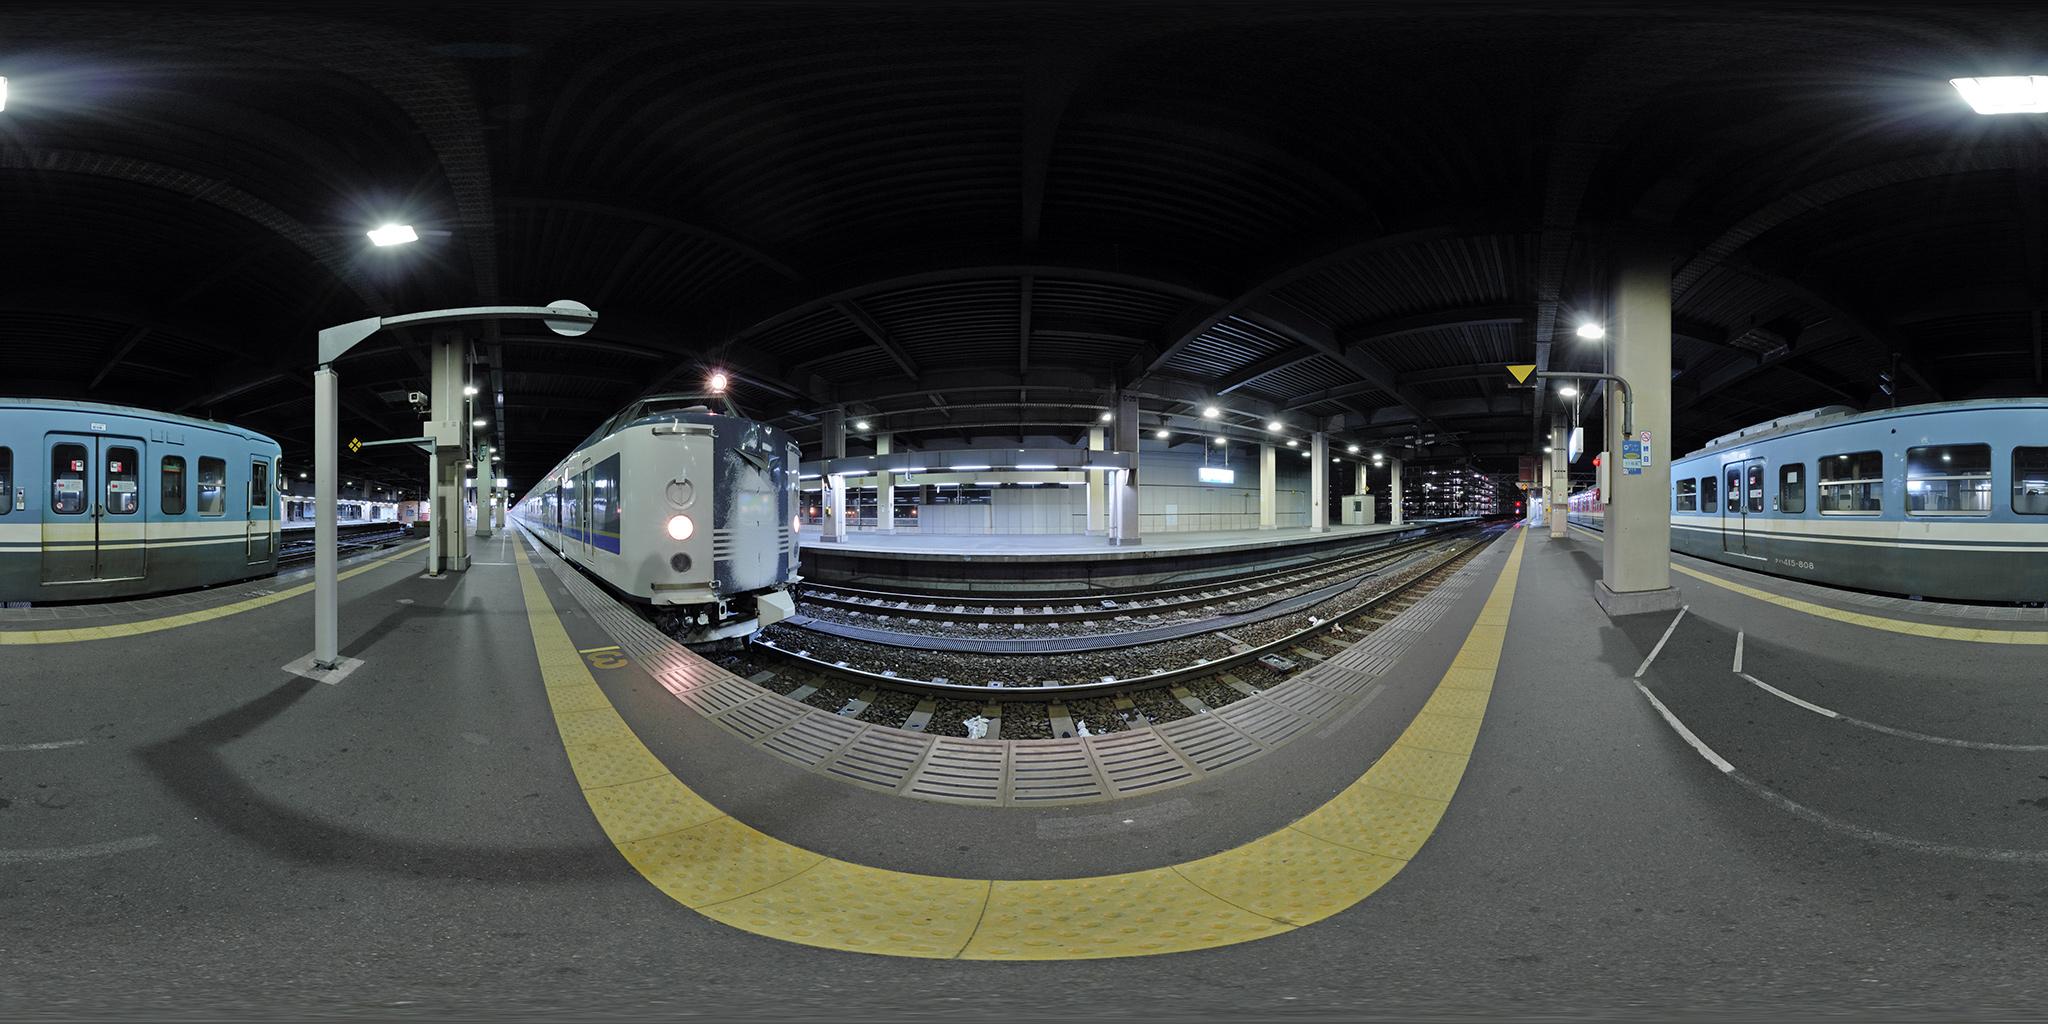 金沢駅に長時間停車していた急行きたぐに